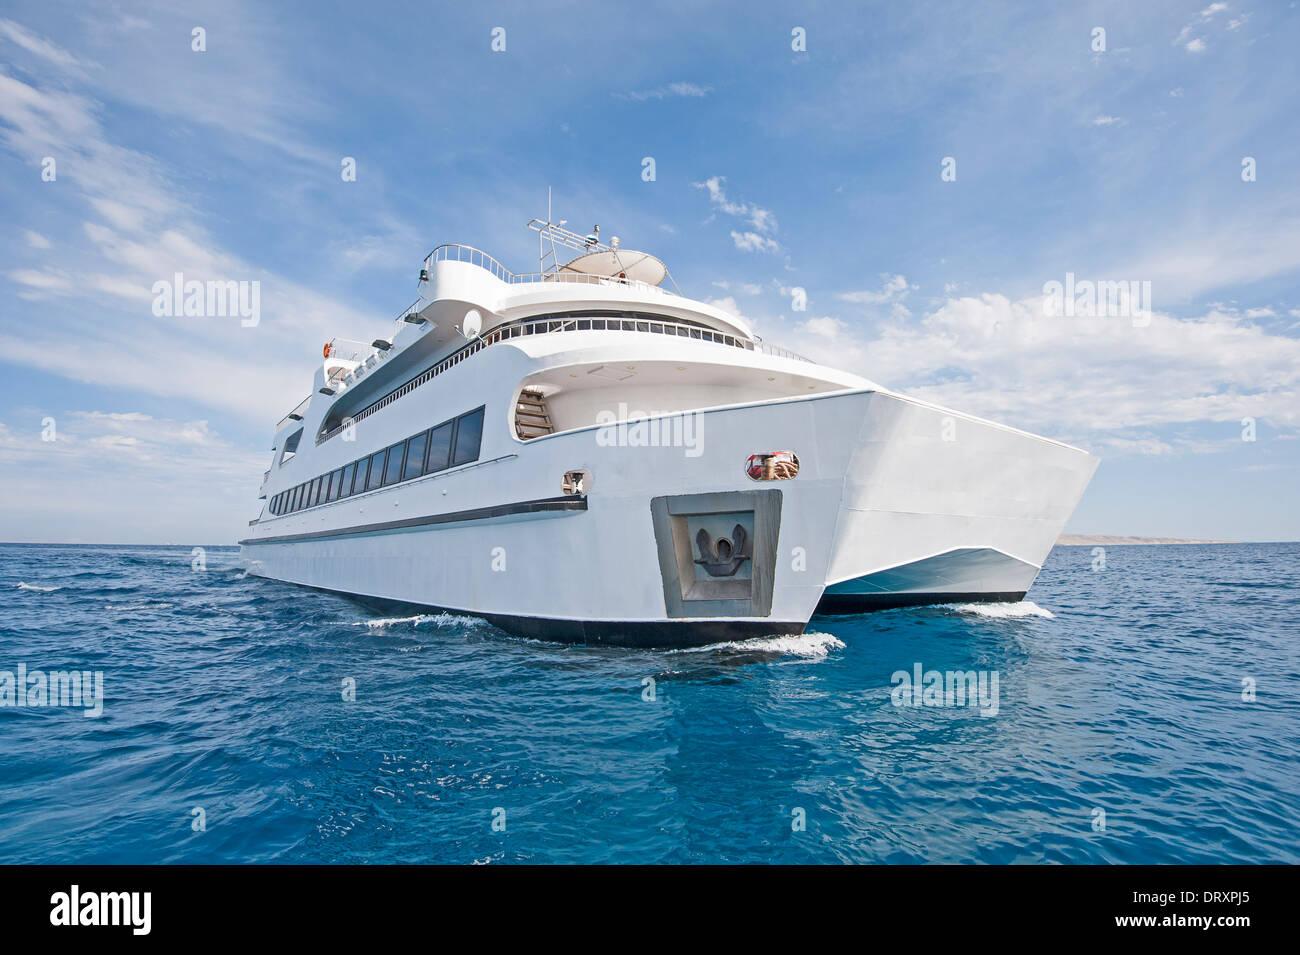 Katamaran segeln luxus  Großen Stahl Luxus private Katamaran Motoryacht Segeln auf dem Meer ...